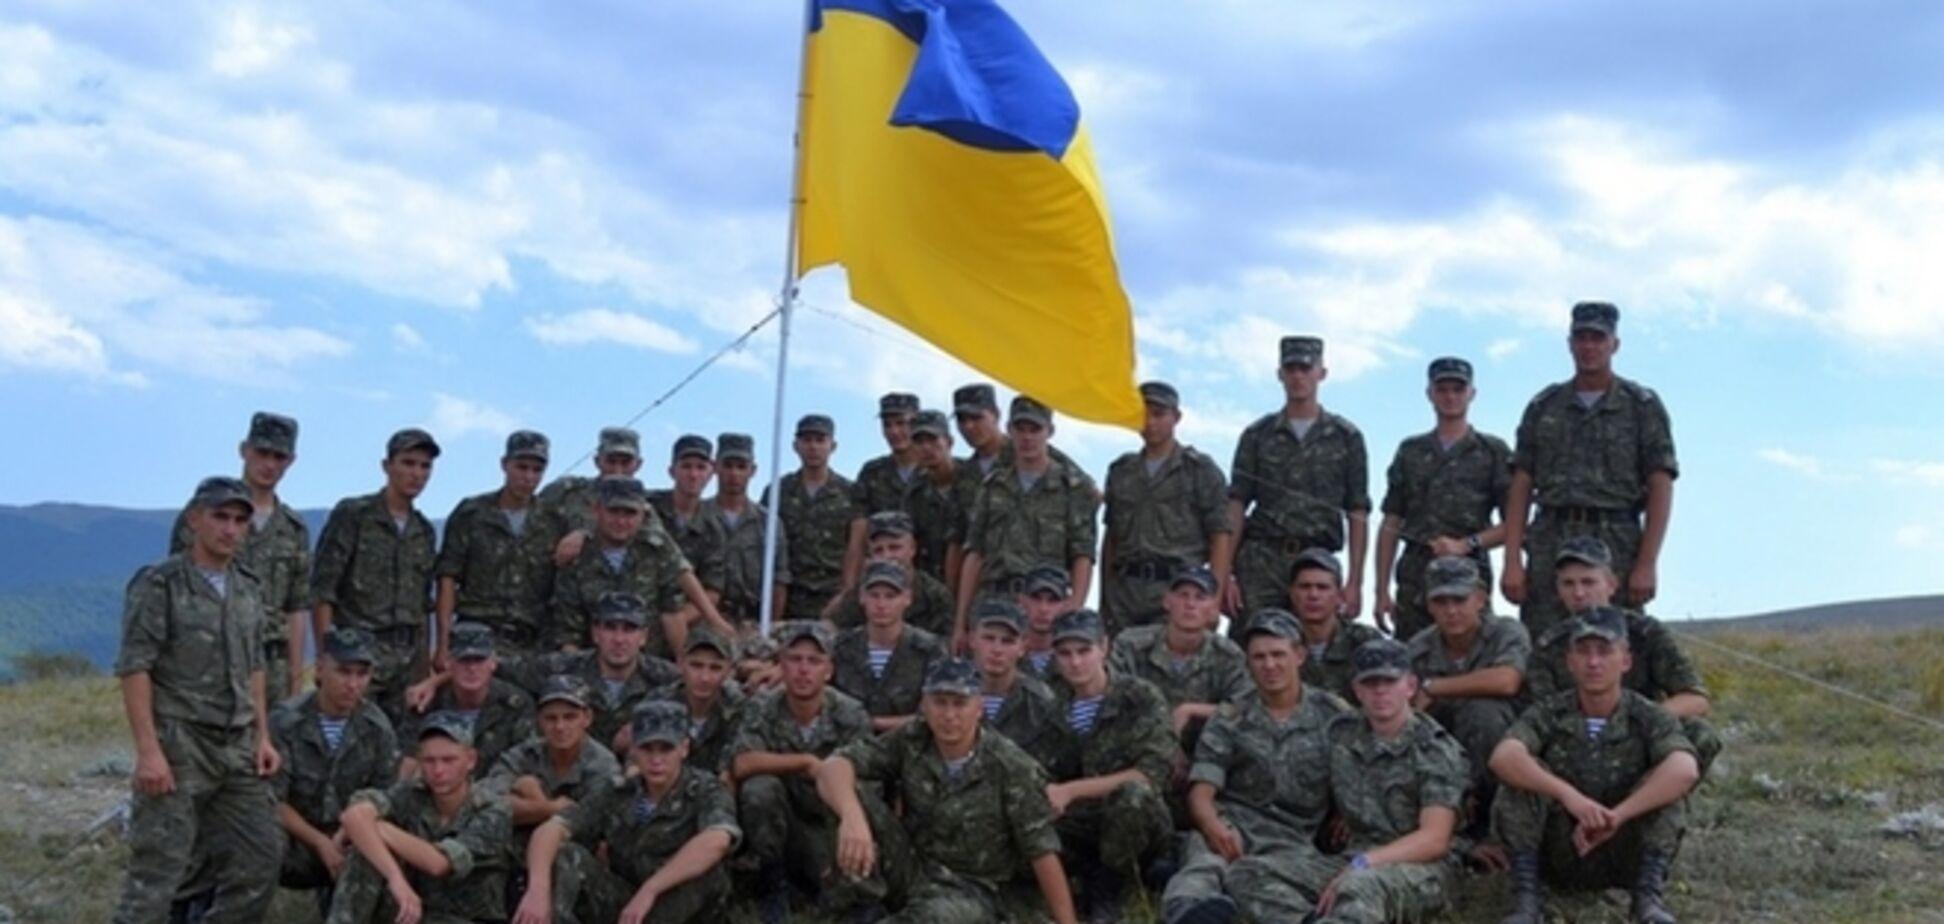 Украинские военные показали профессионализм и результативность – адмирал